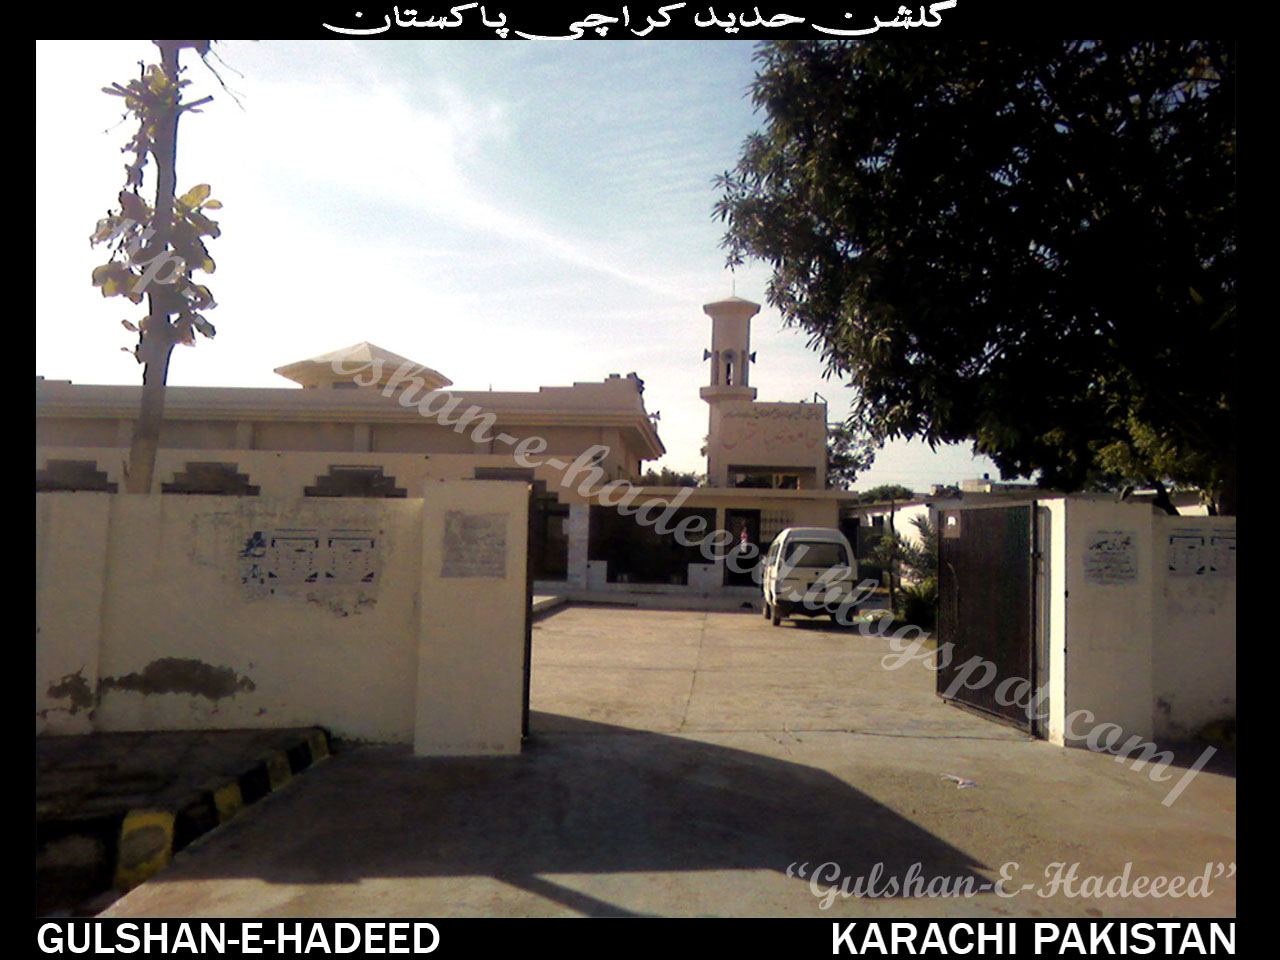 Gulshan-e-Hadeed